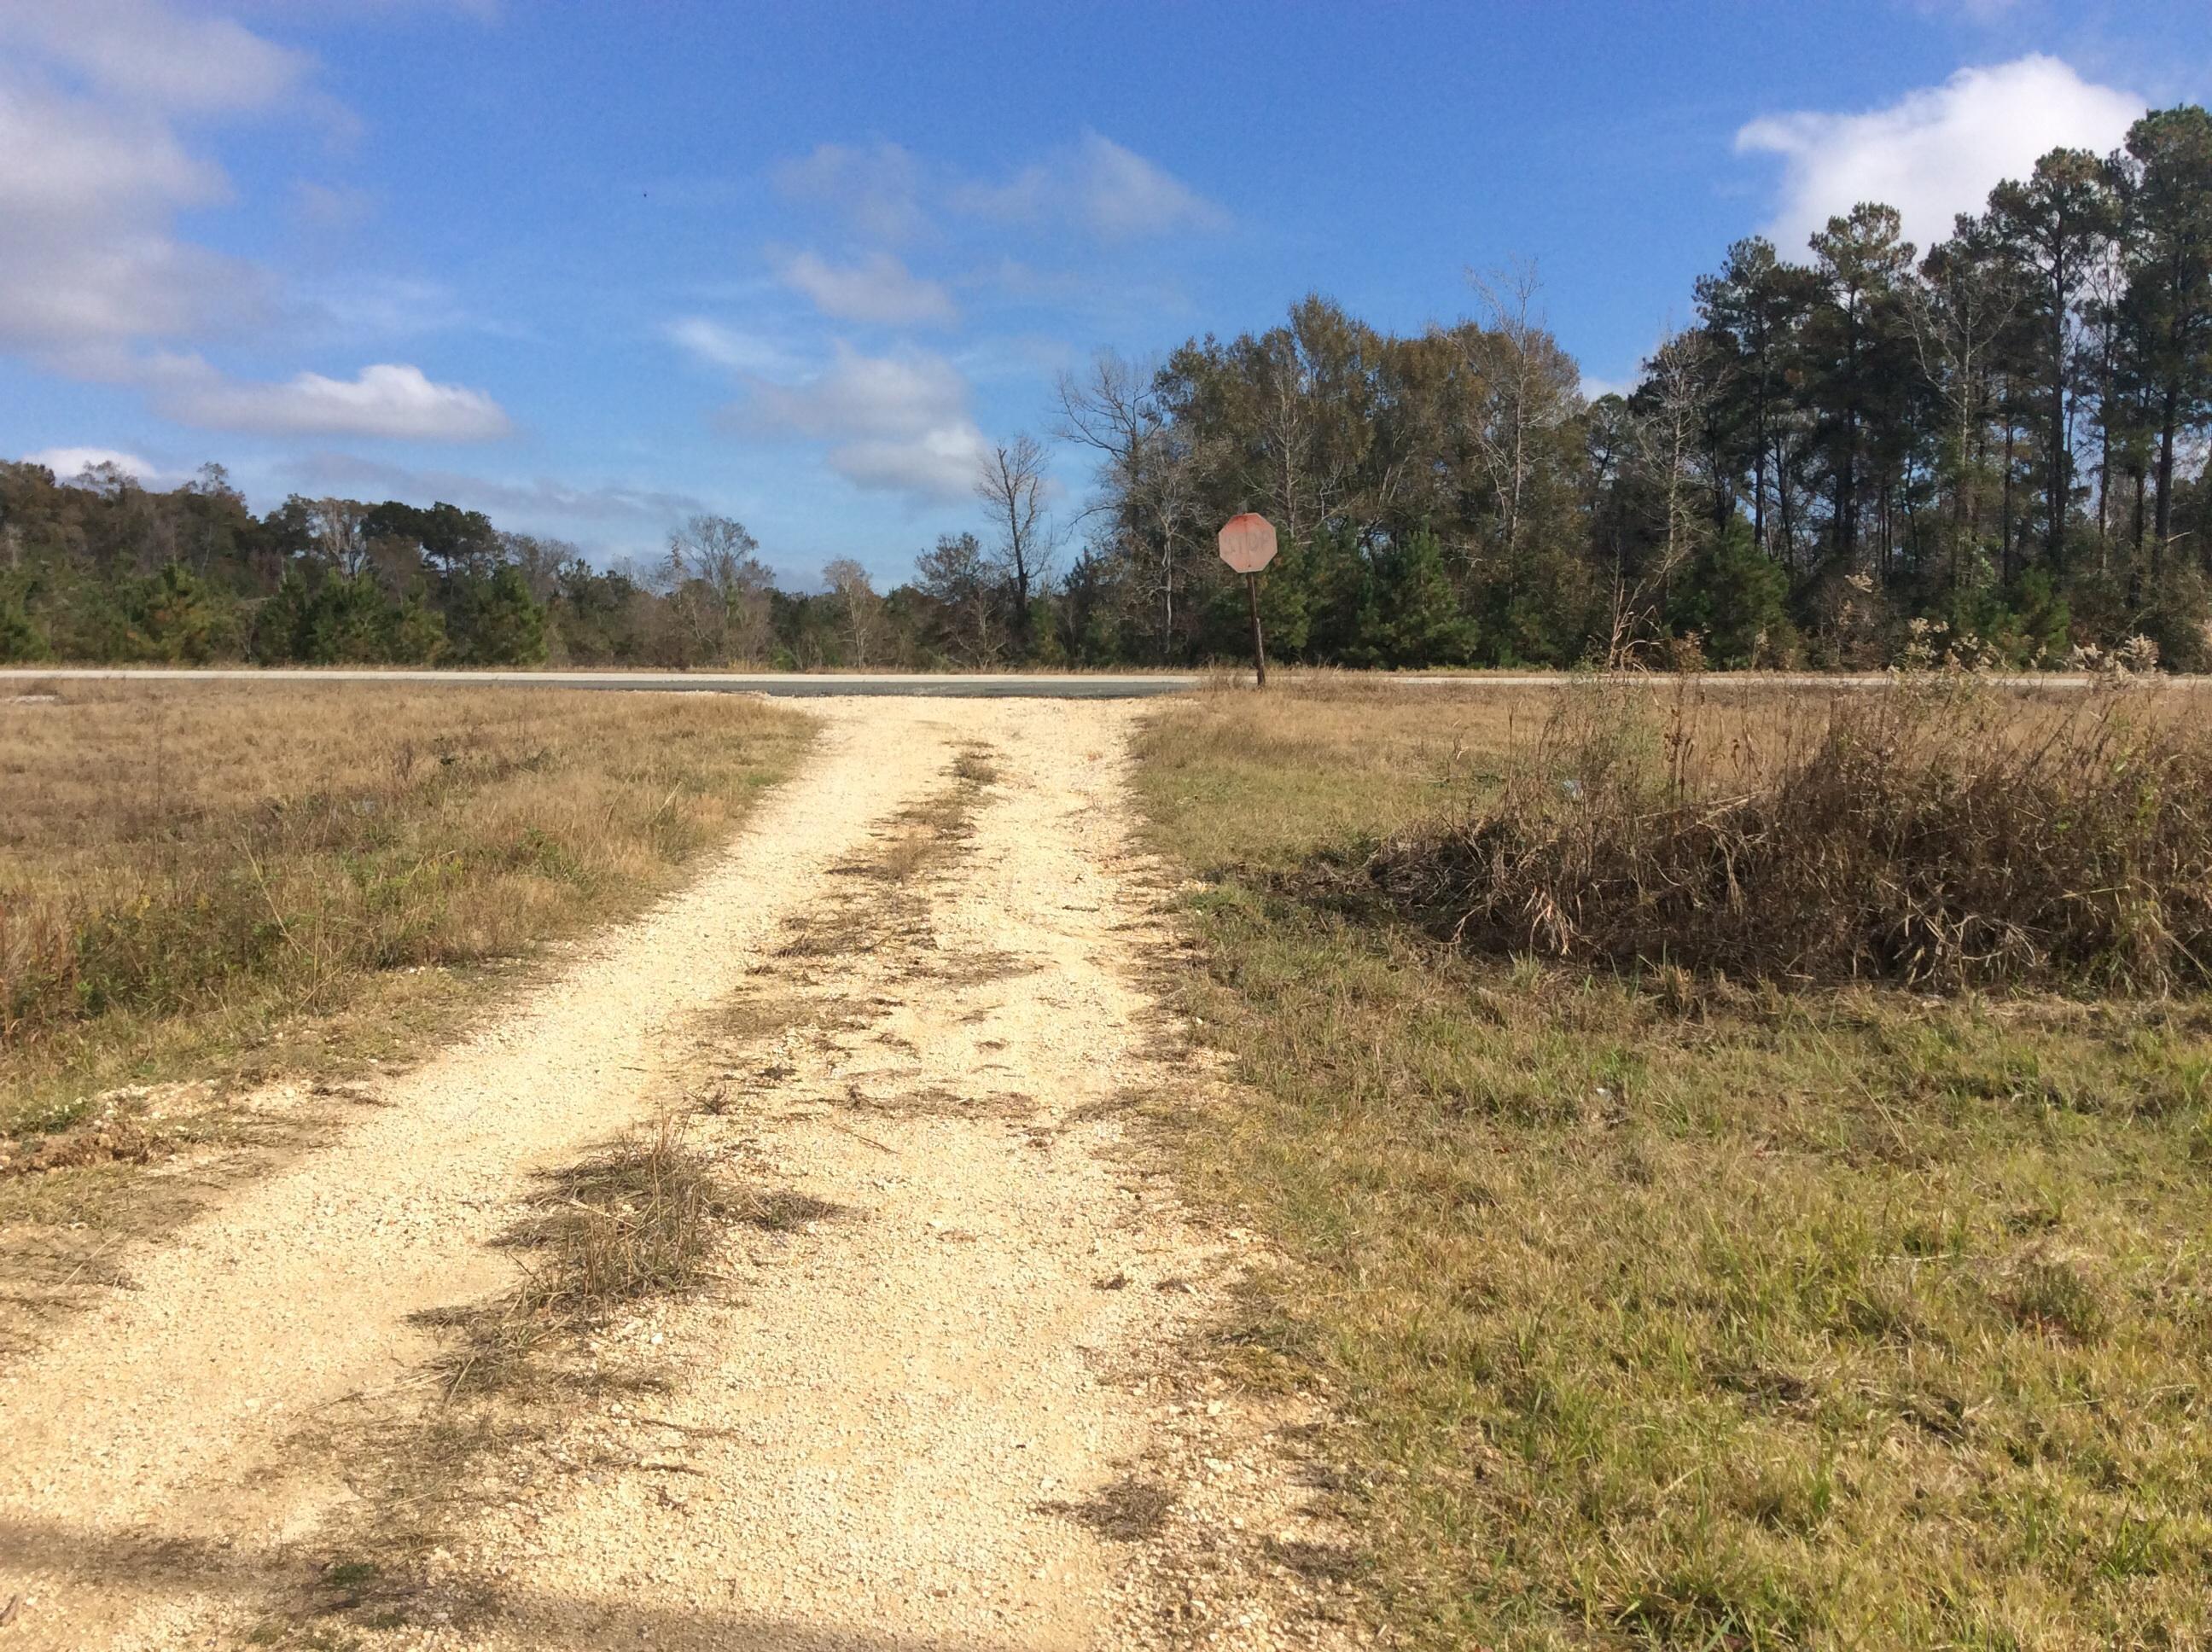 Longville land for sale,  EARL STOKES RD, Longville LA - $110,000